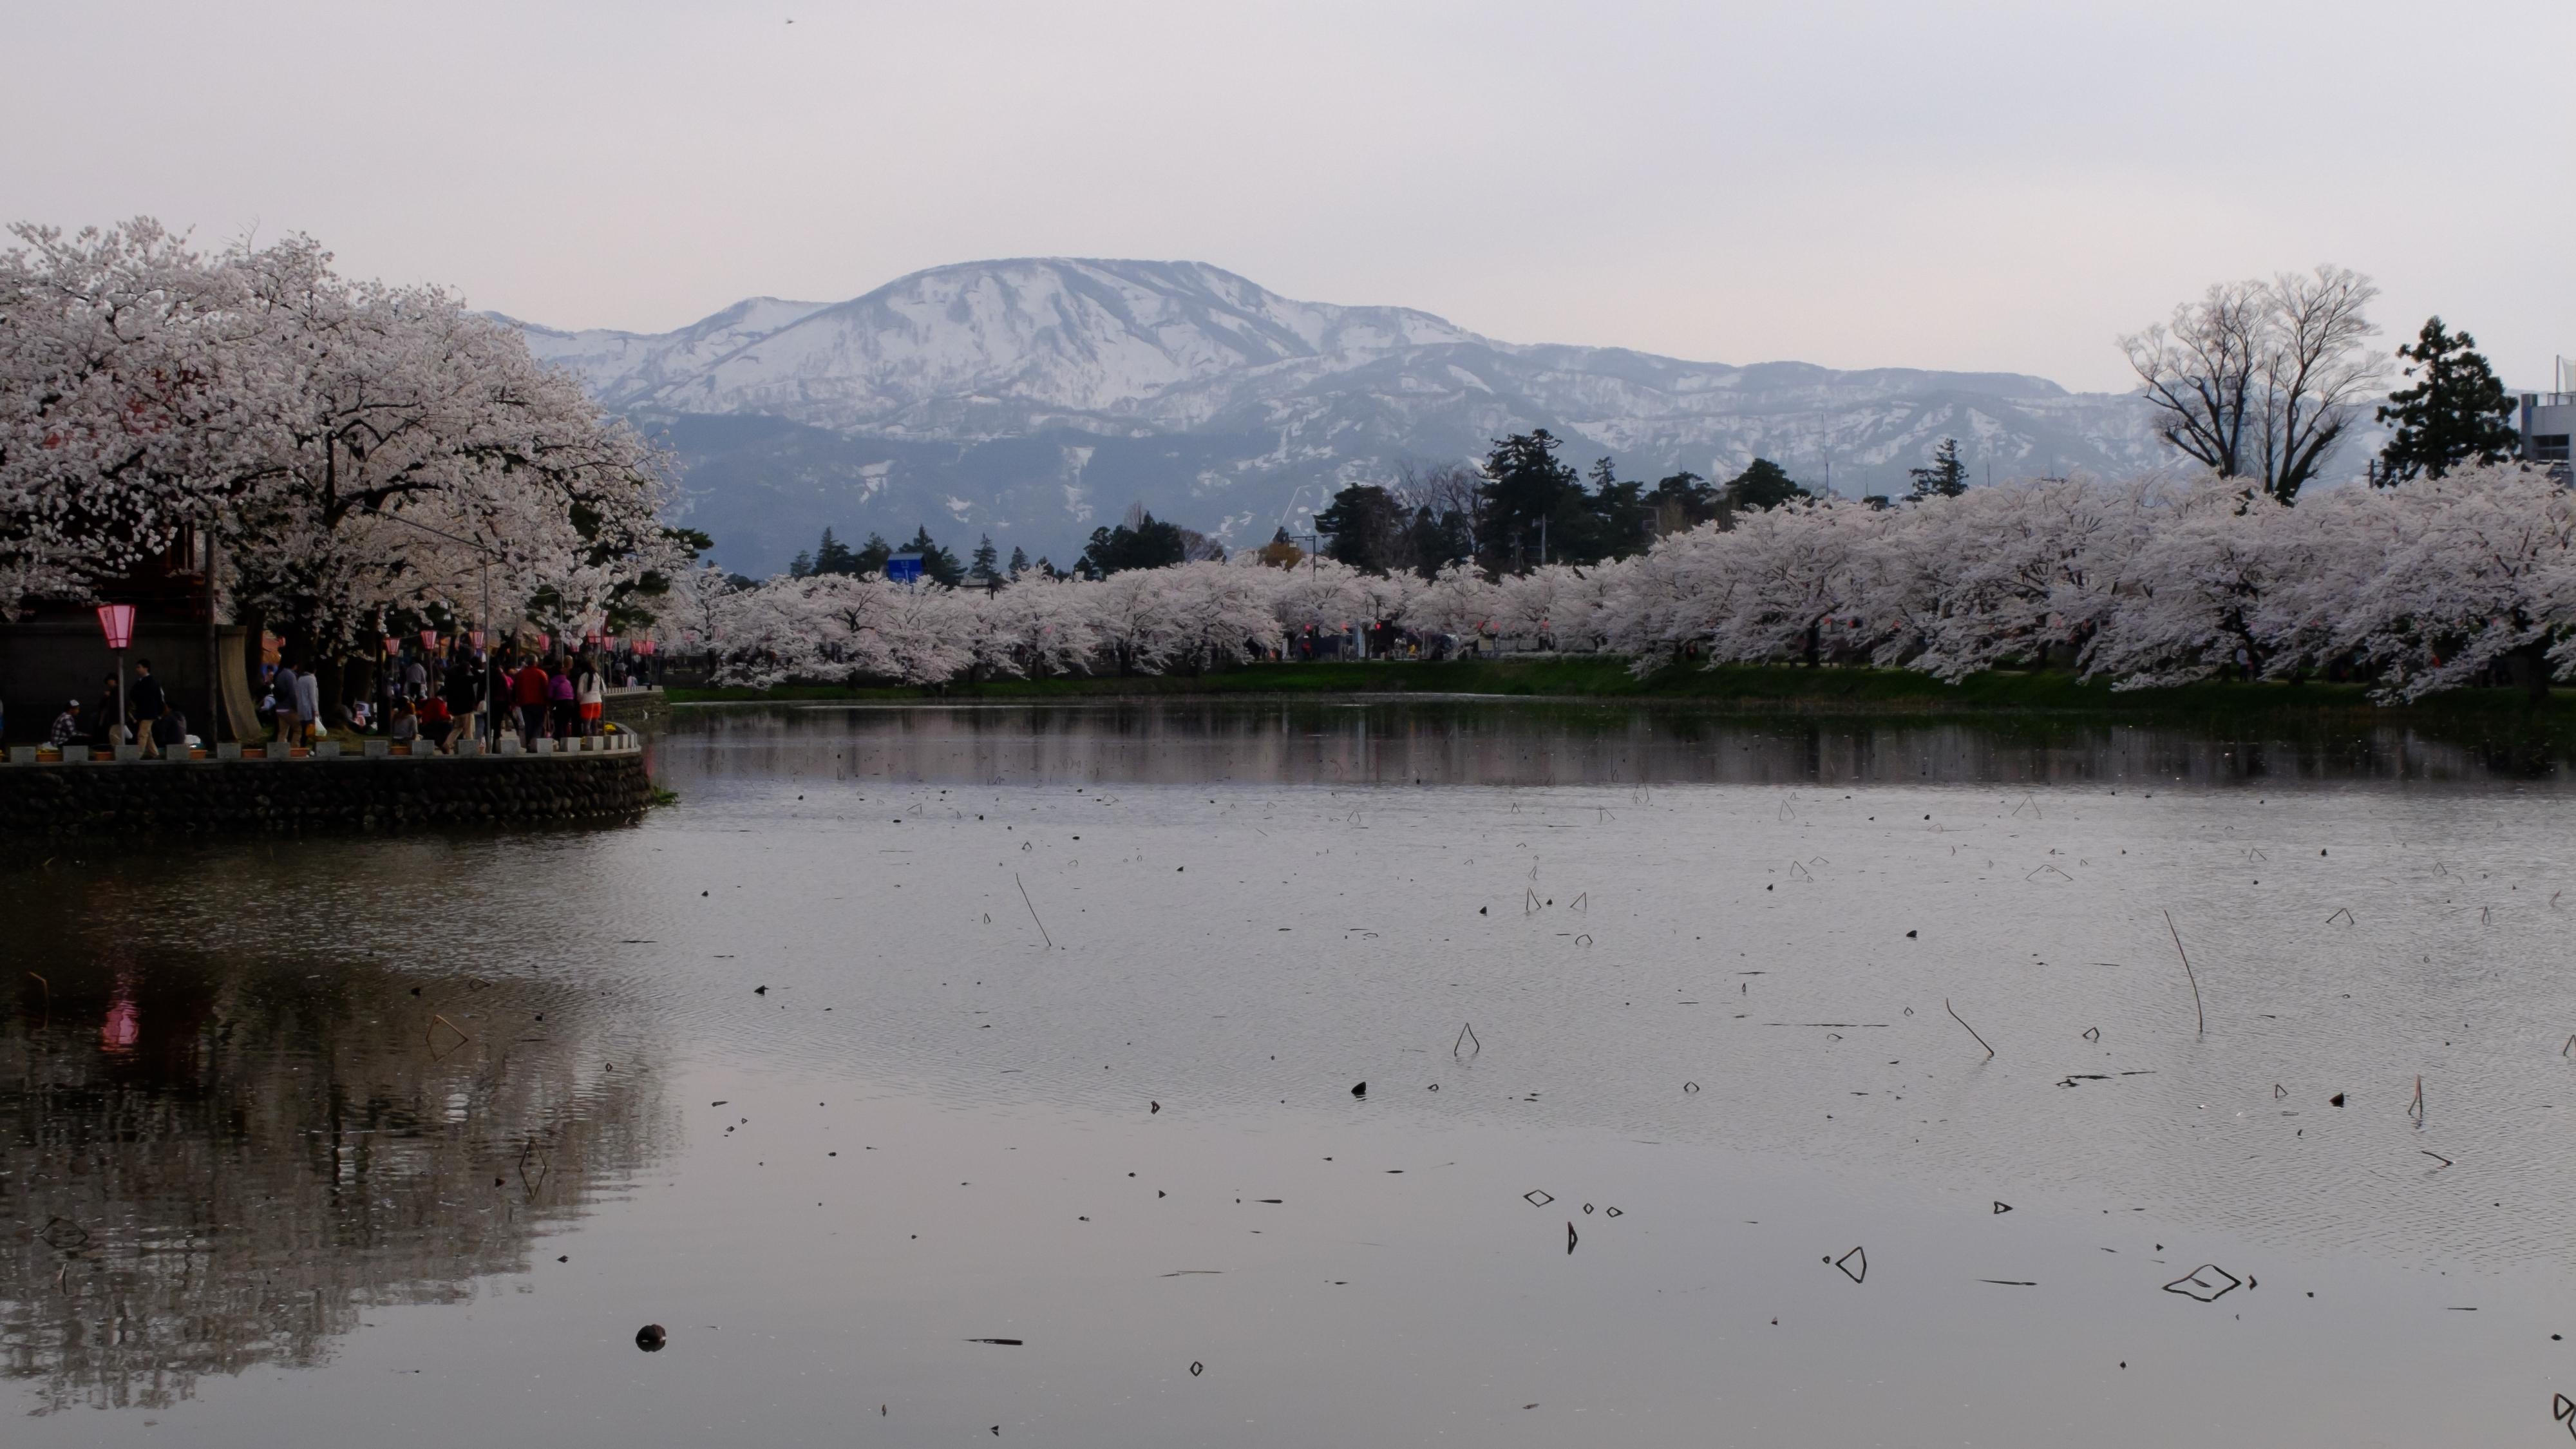 http://www.art-photo.jp/blog/archives/images/2014.04.12/2015.04.12_11.jpg